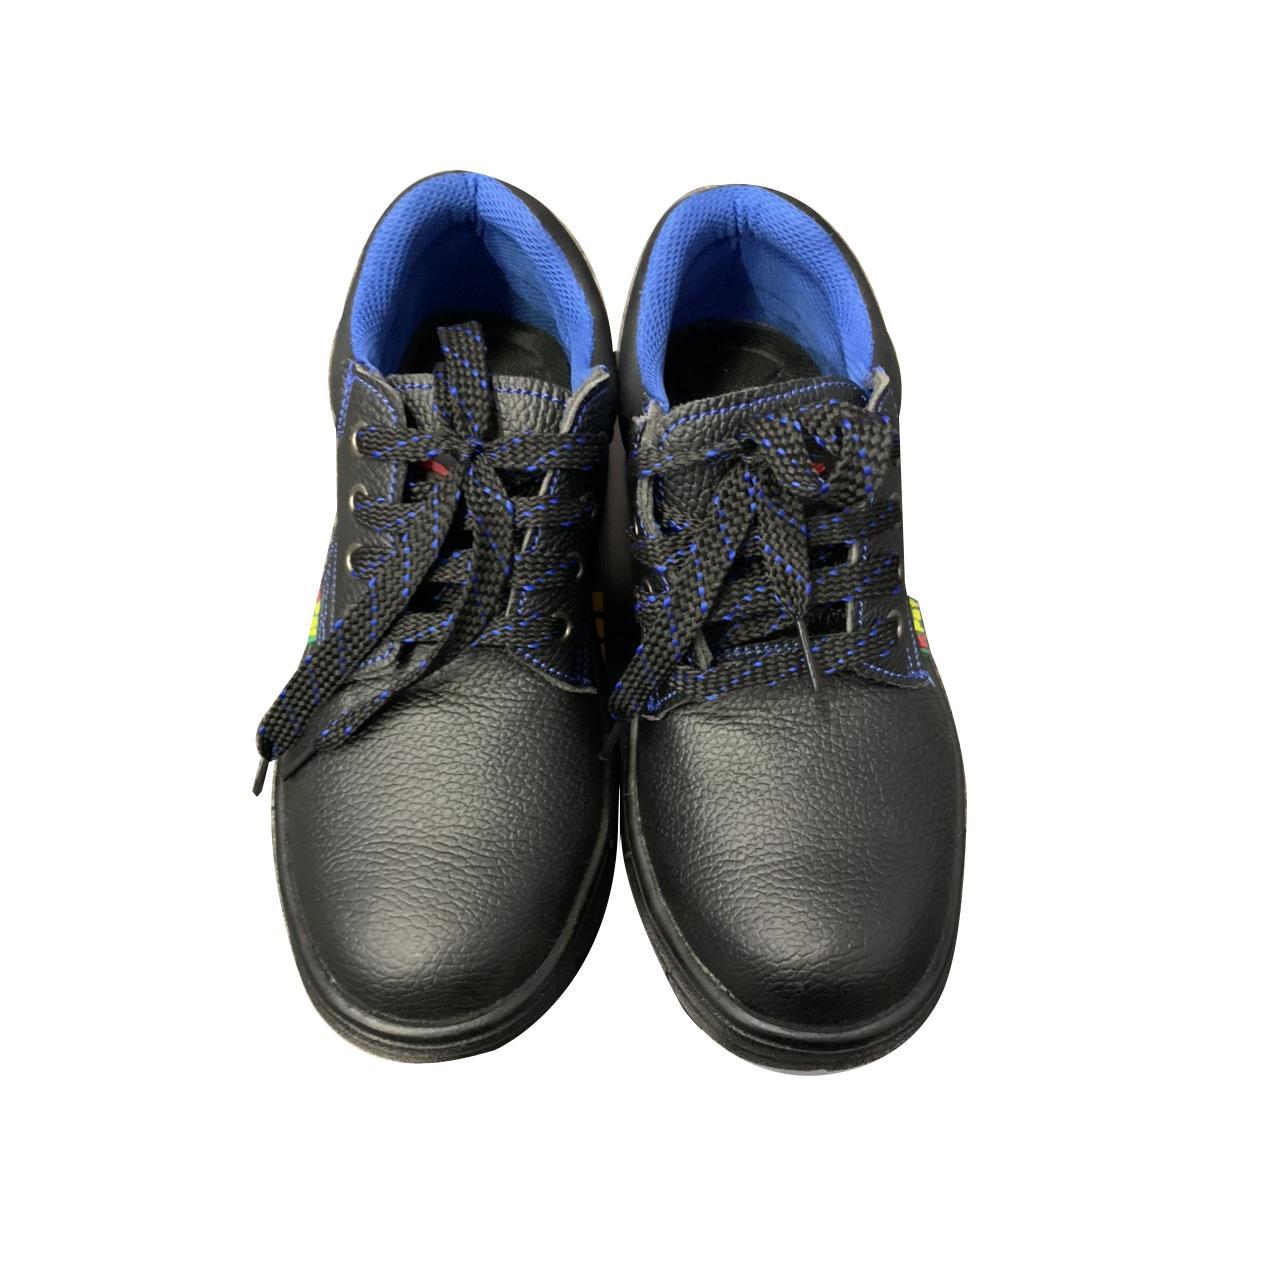 Chọn giày bảo hộ có khó không?